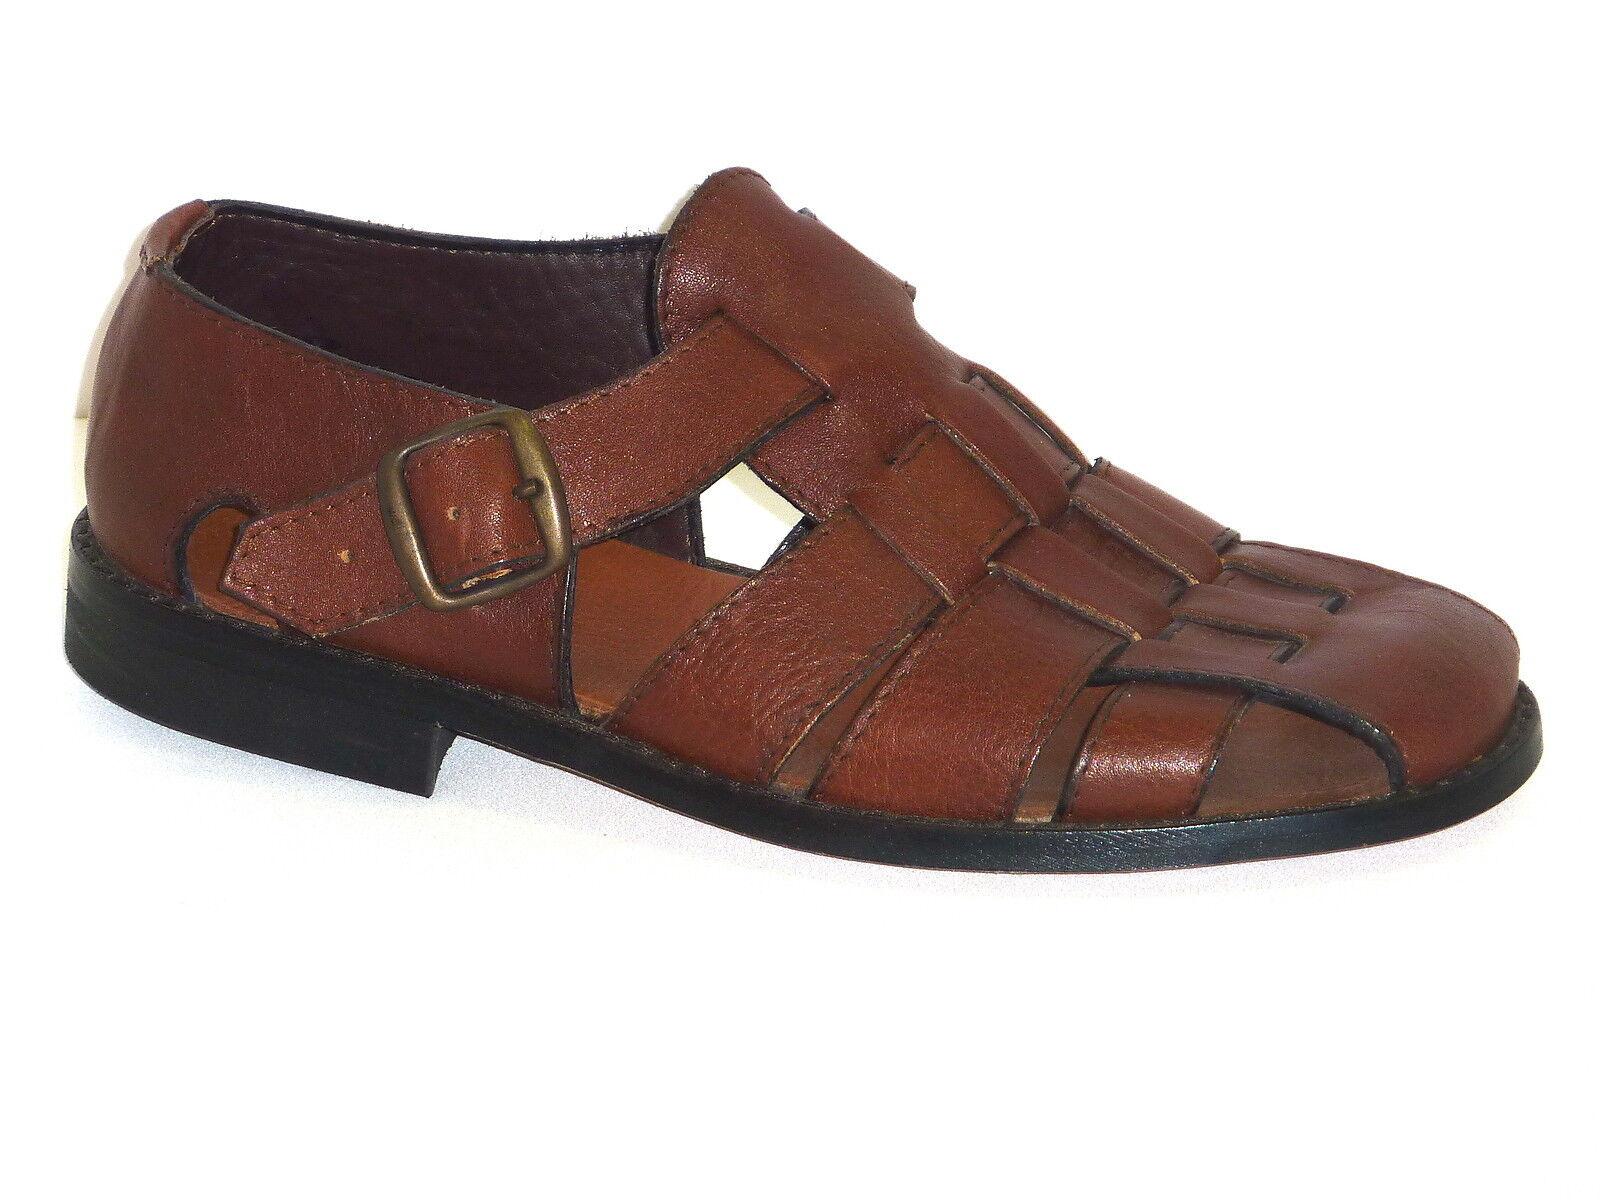 Sandalen mit Schnalle Herren Leder braun Absatz Gummi made in italy n. 43